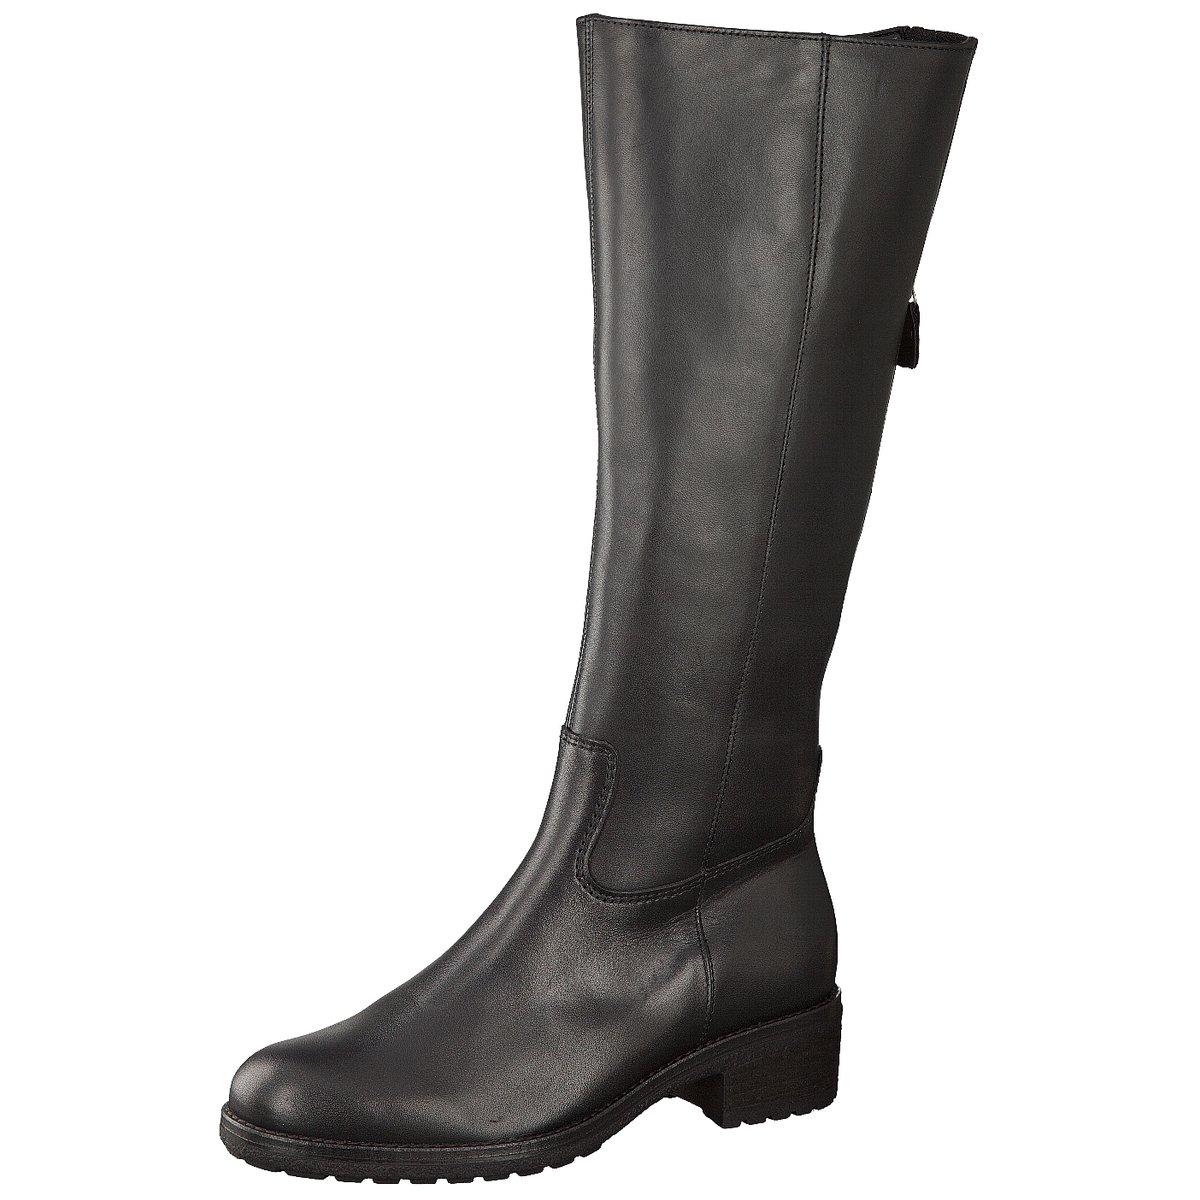 NEU Gabor Damen Stiefel Schaftweite M Vario 71.615.87 schwarz 340859